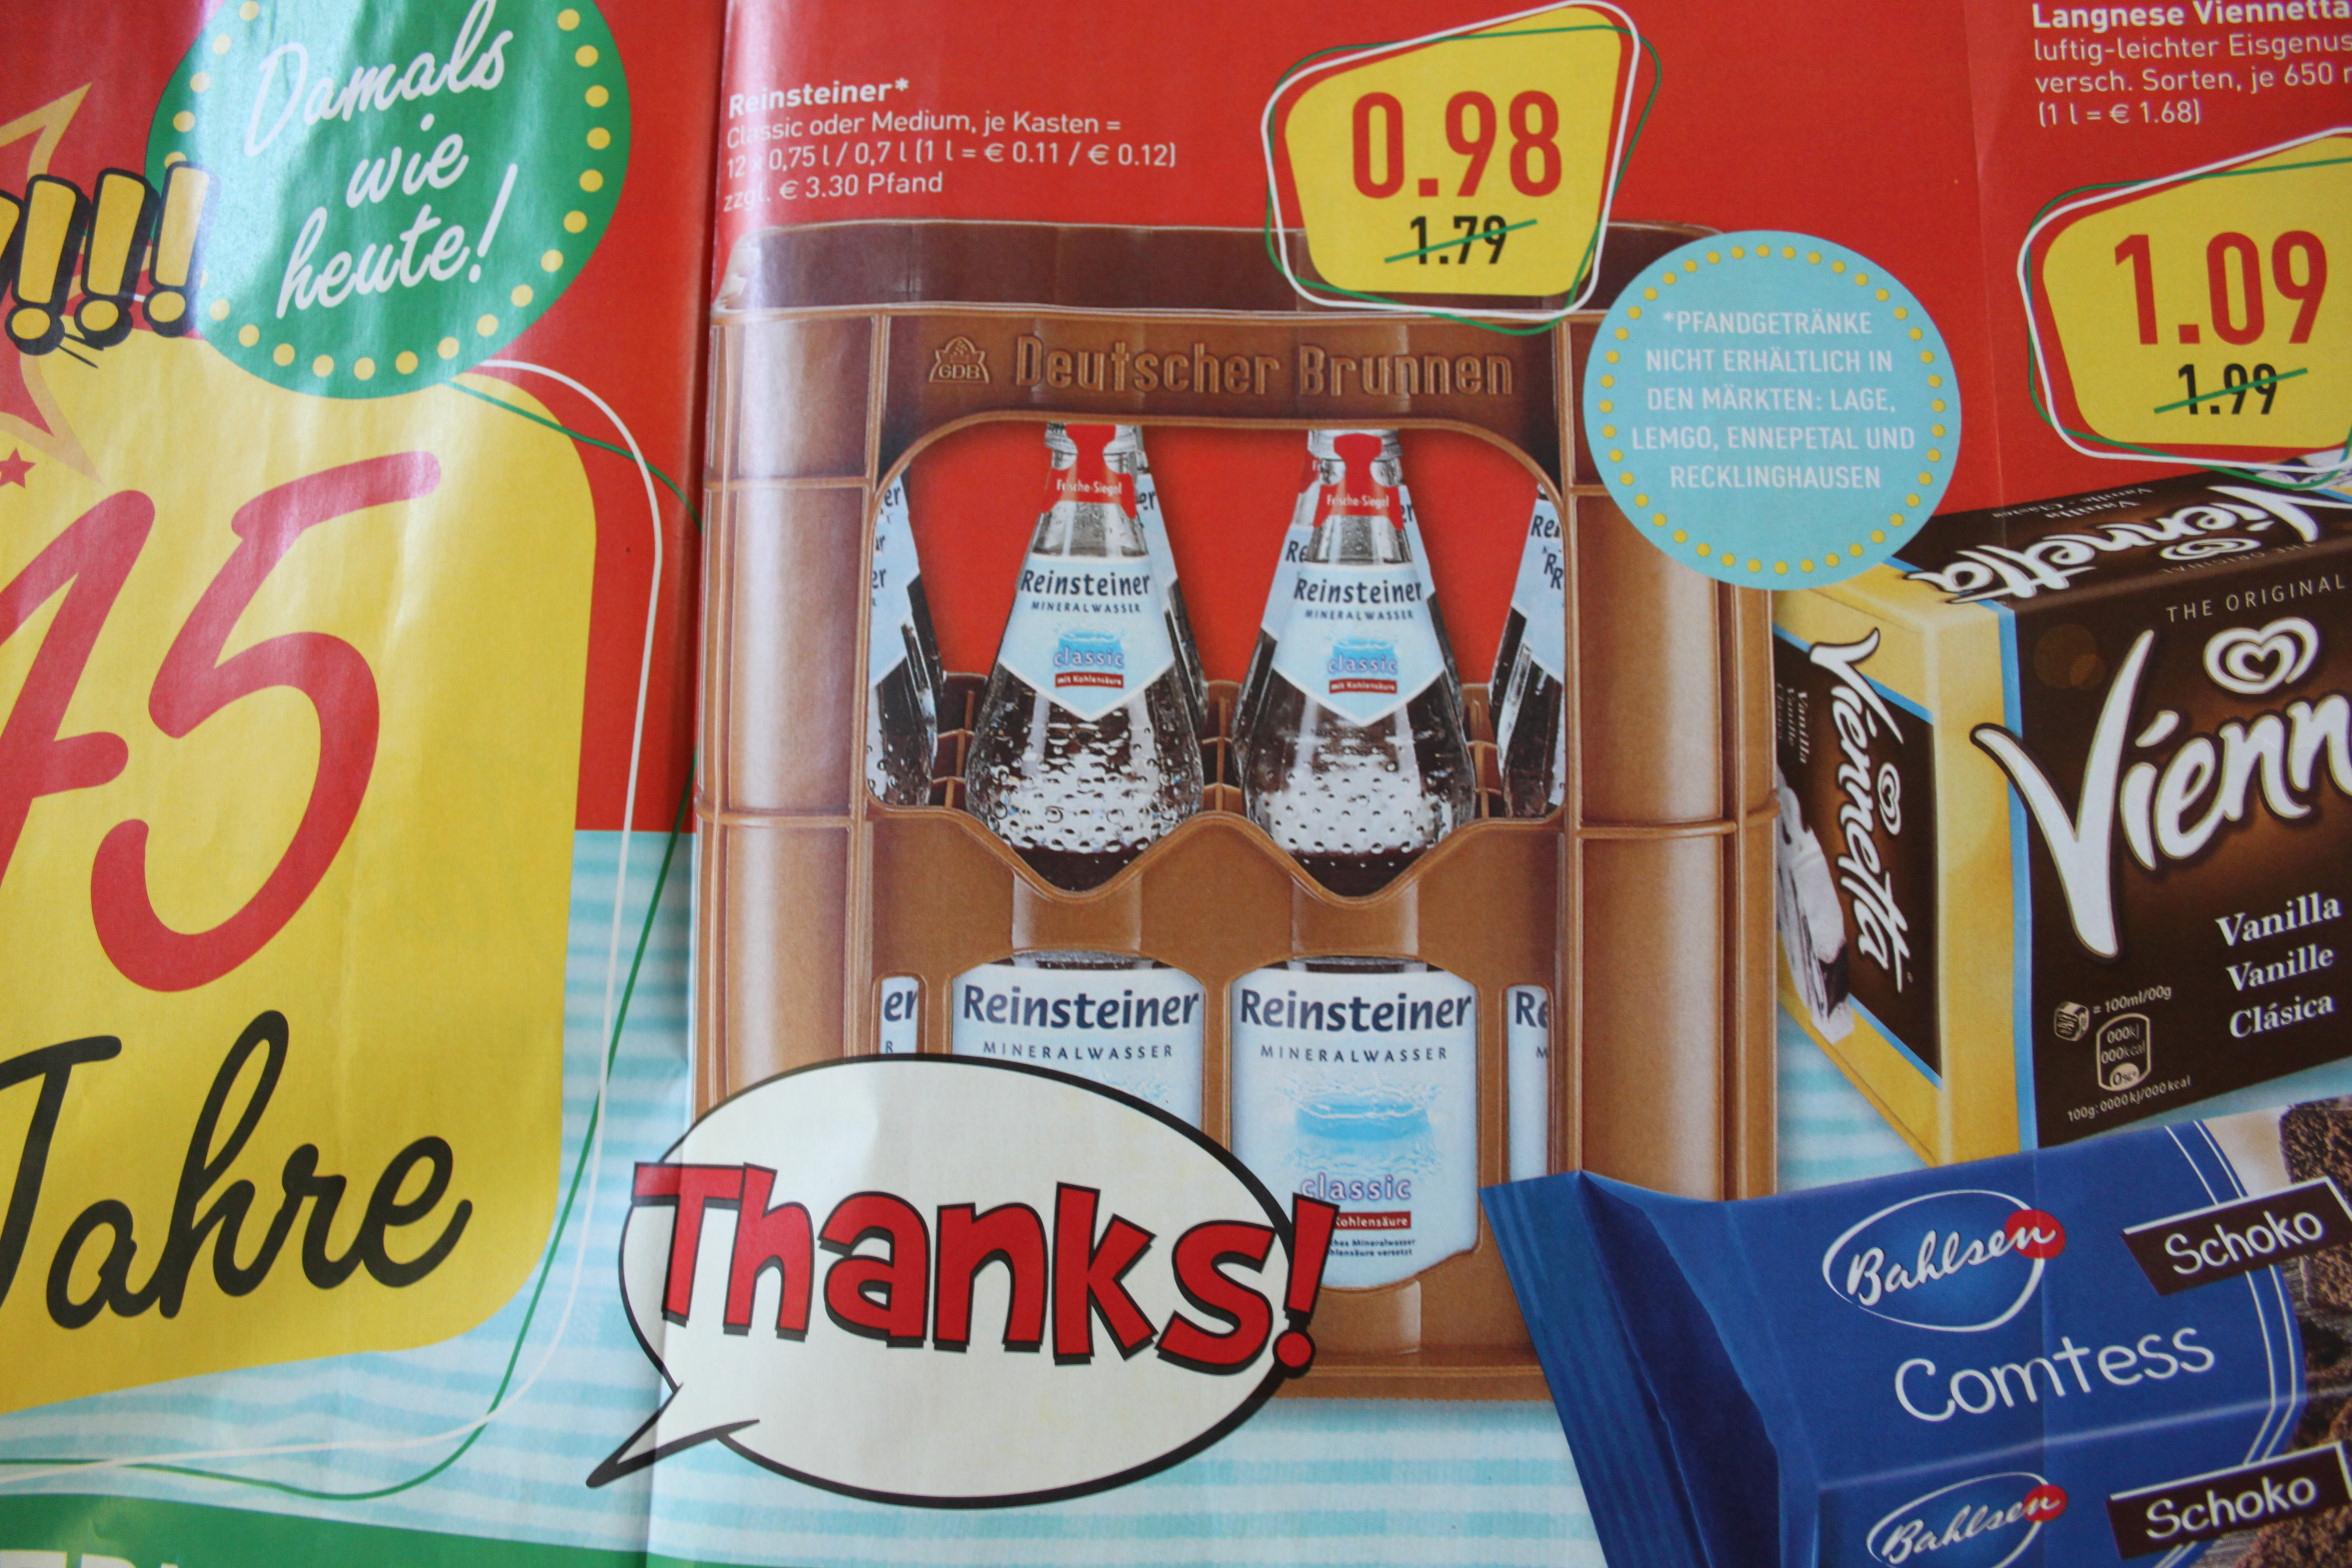 (NRW Marktkauf) Reinsteiner Mineralwasser in Glasflaschen. Kiste: 0,98€